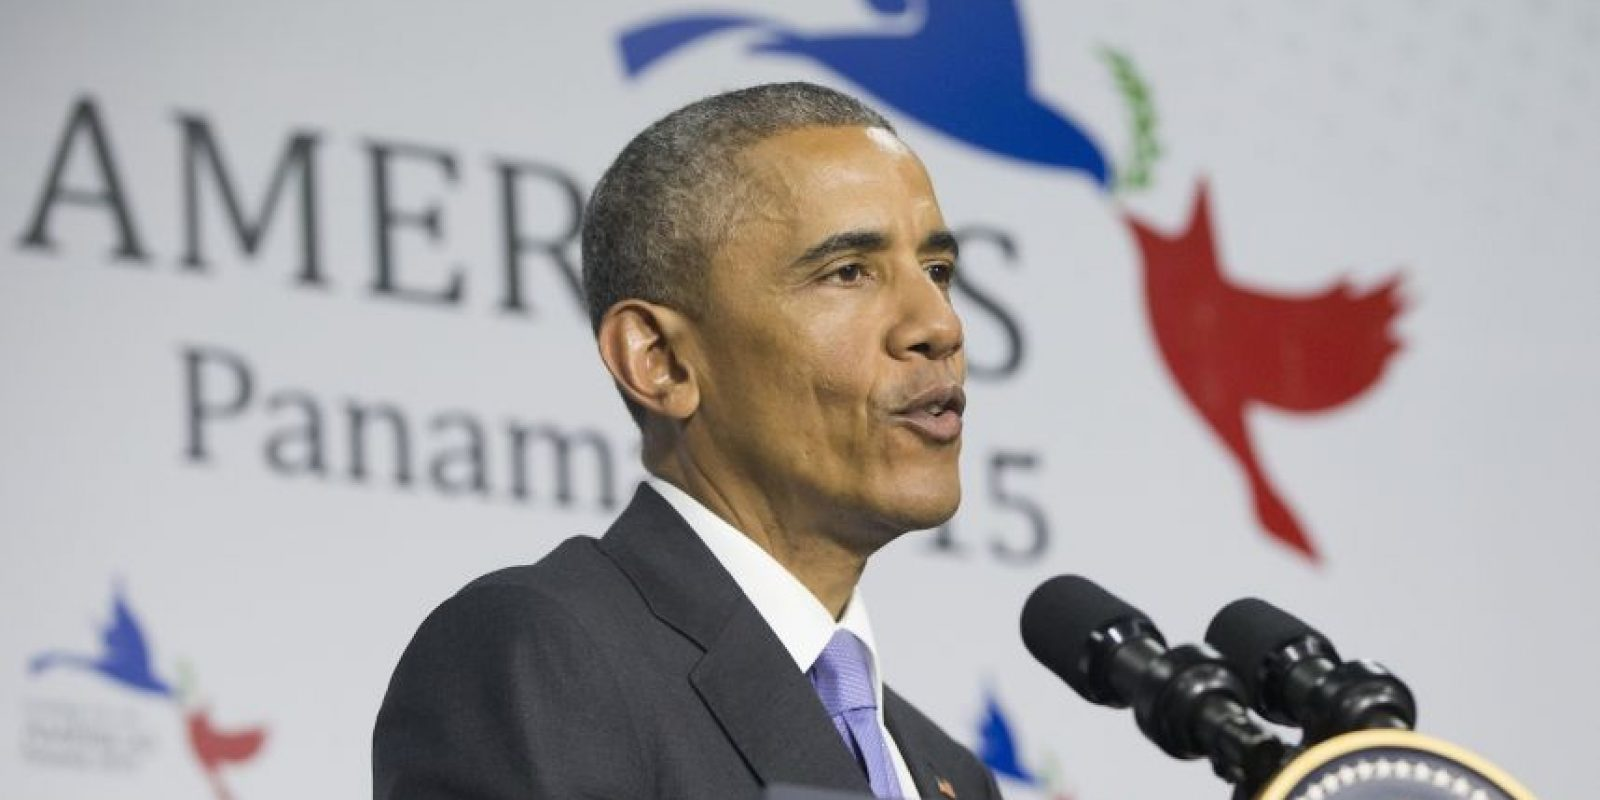 Las sanciones impuestas a funcionarios venezolanos por parte de Estados Unidos fue otro uno de los asuntos que marcó a la Cumbre de las Américas, celebrada en Panamá. Foto:AP